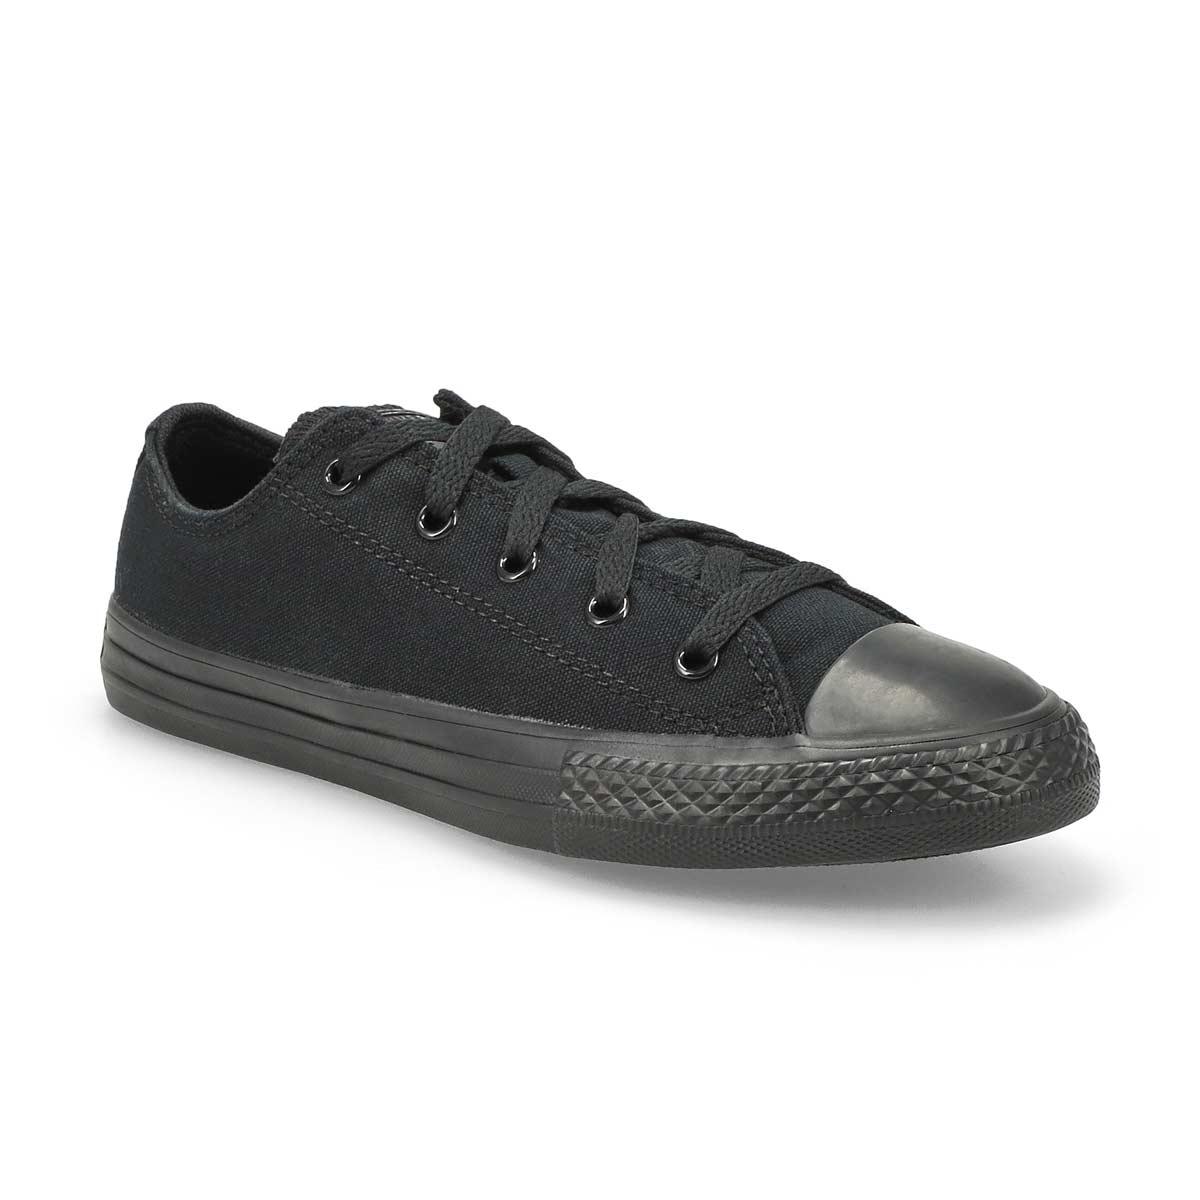 Kds CTAS black mono sneaker